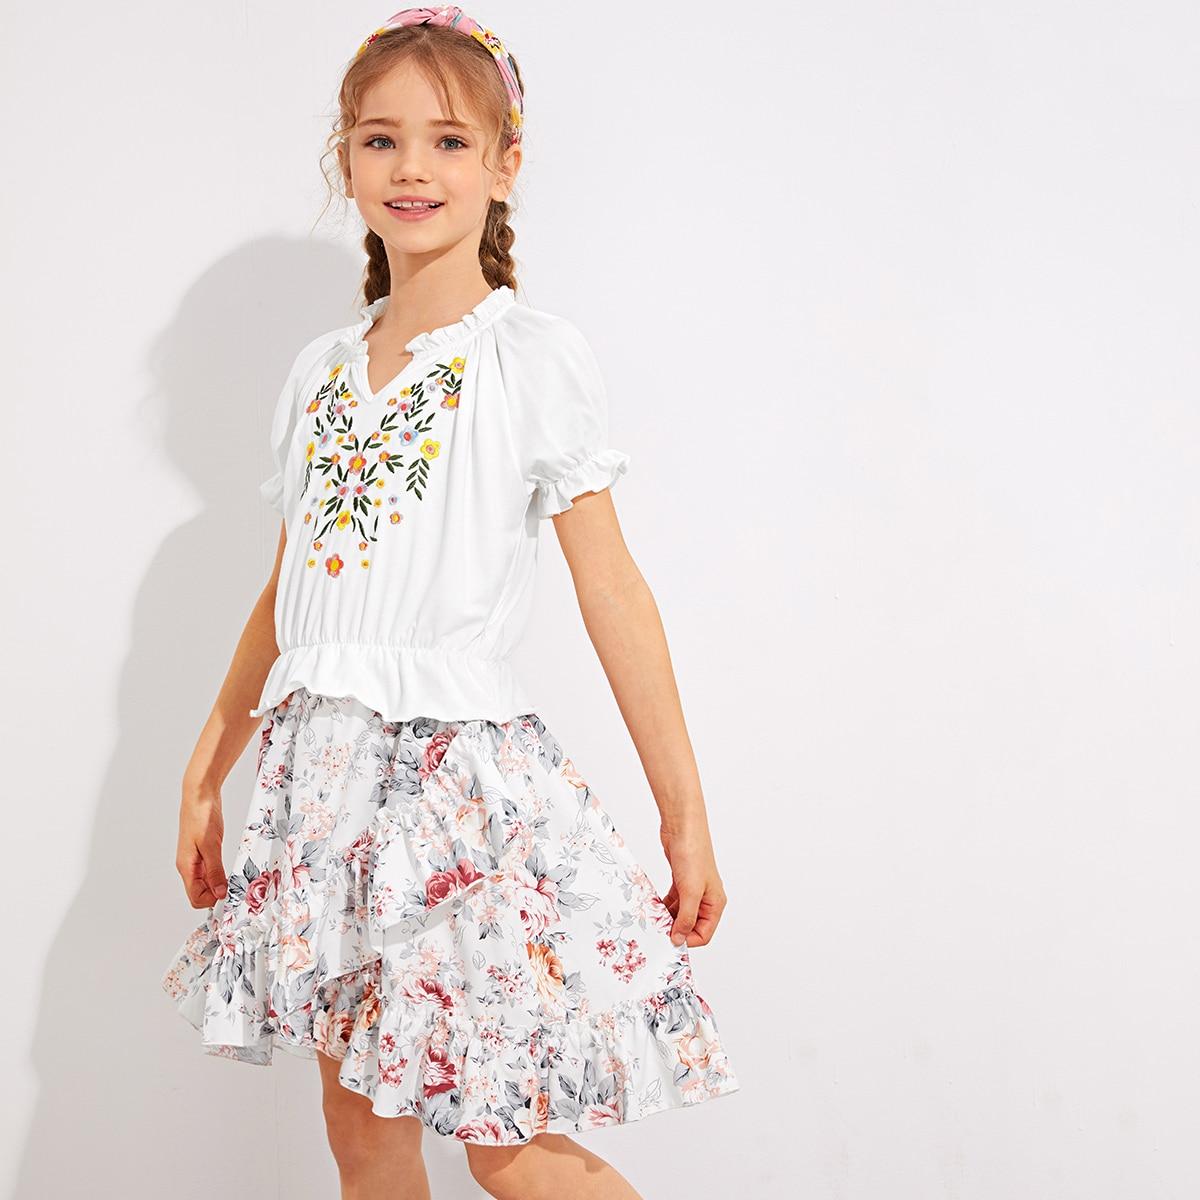 Юбка и топ с цветочной вышивкой, пышным рукавом для девочек фото